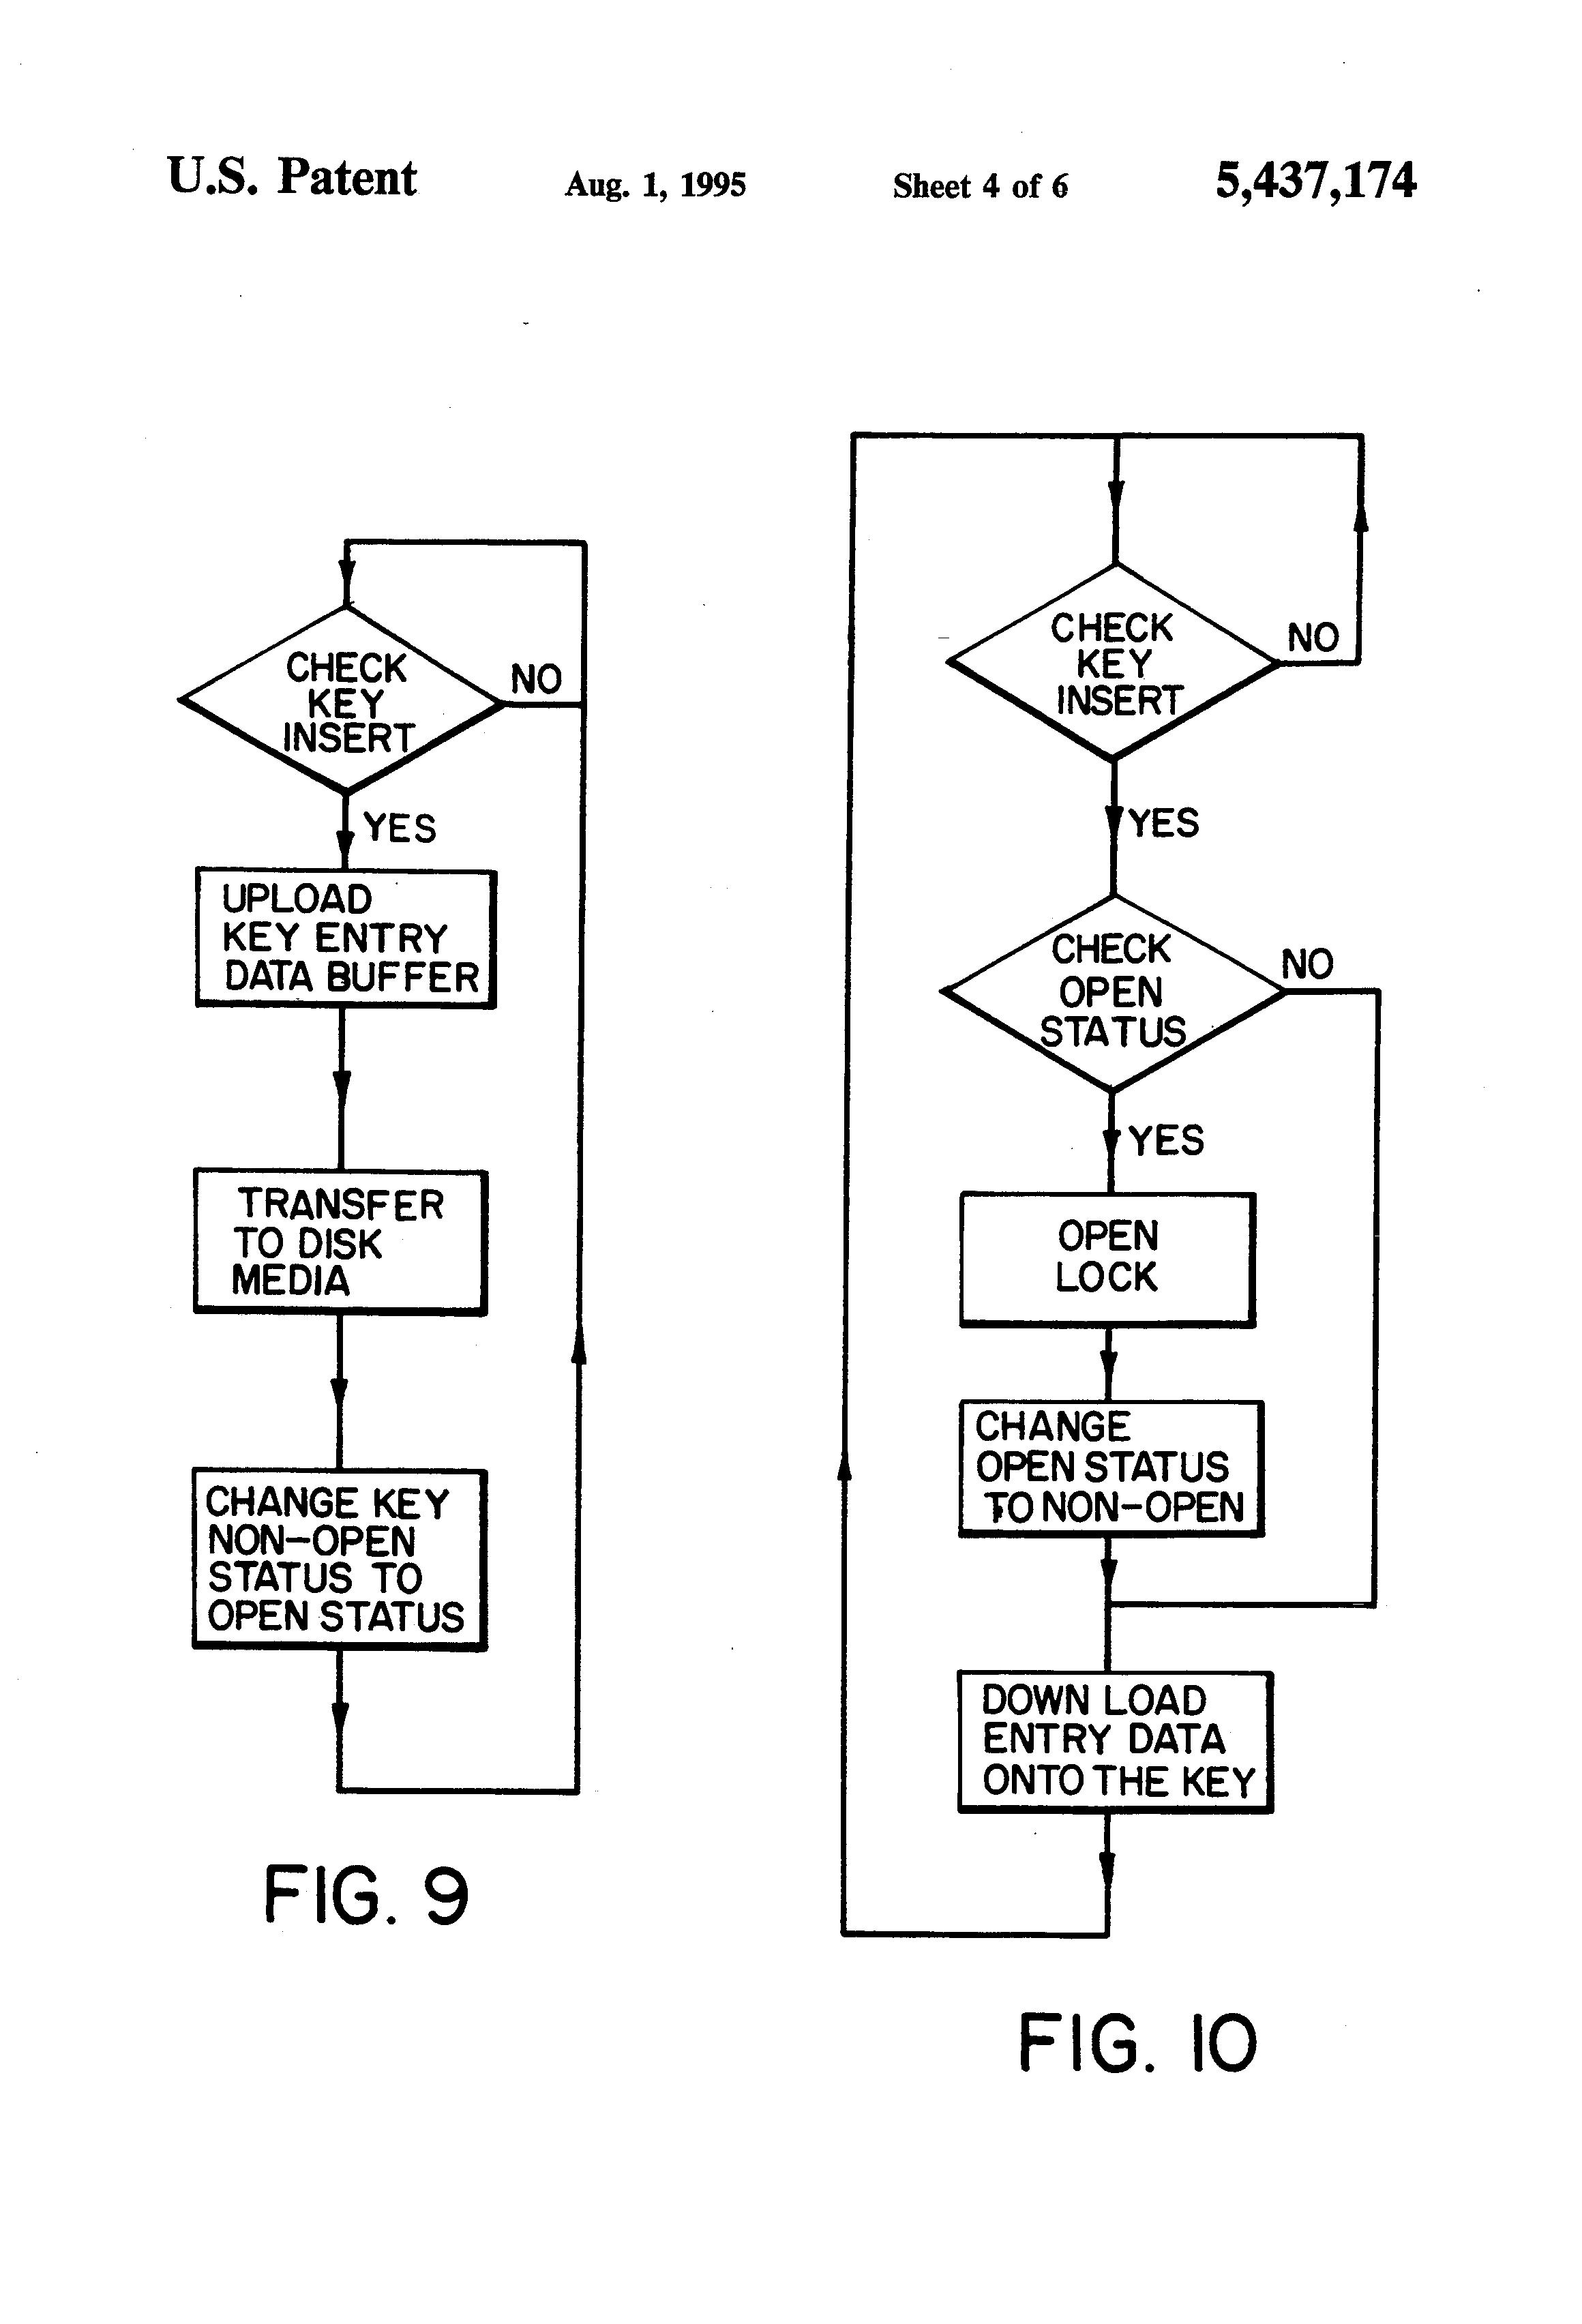 vingcard exit door wire diagram 31 wiring diagram images